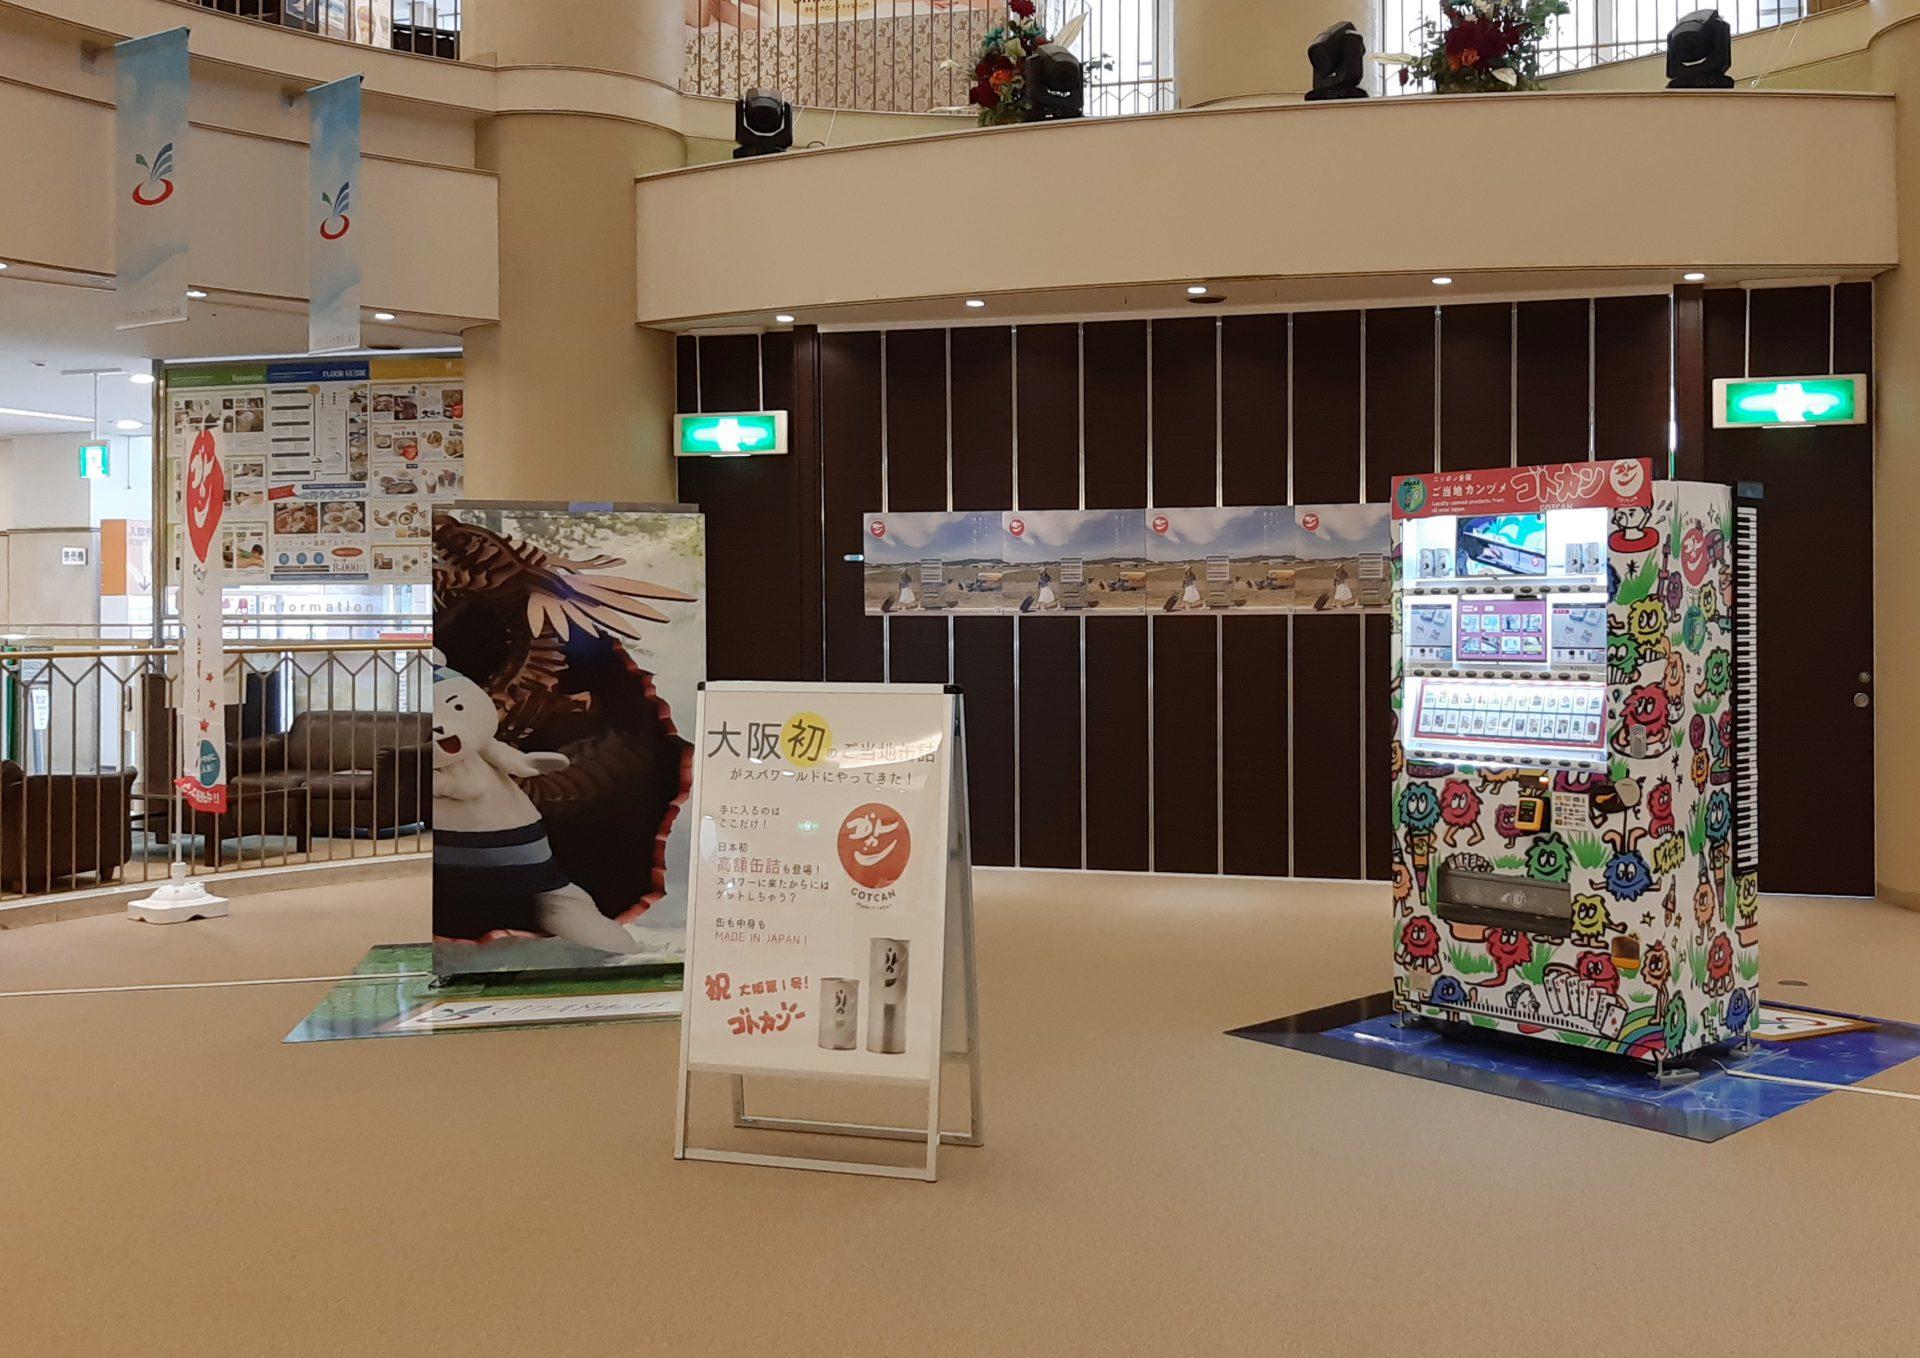 大阪在住の世界で活躍する人気イラストレーター「千秋育子」氏が制作した大阪トランプがスパワールドに登場!